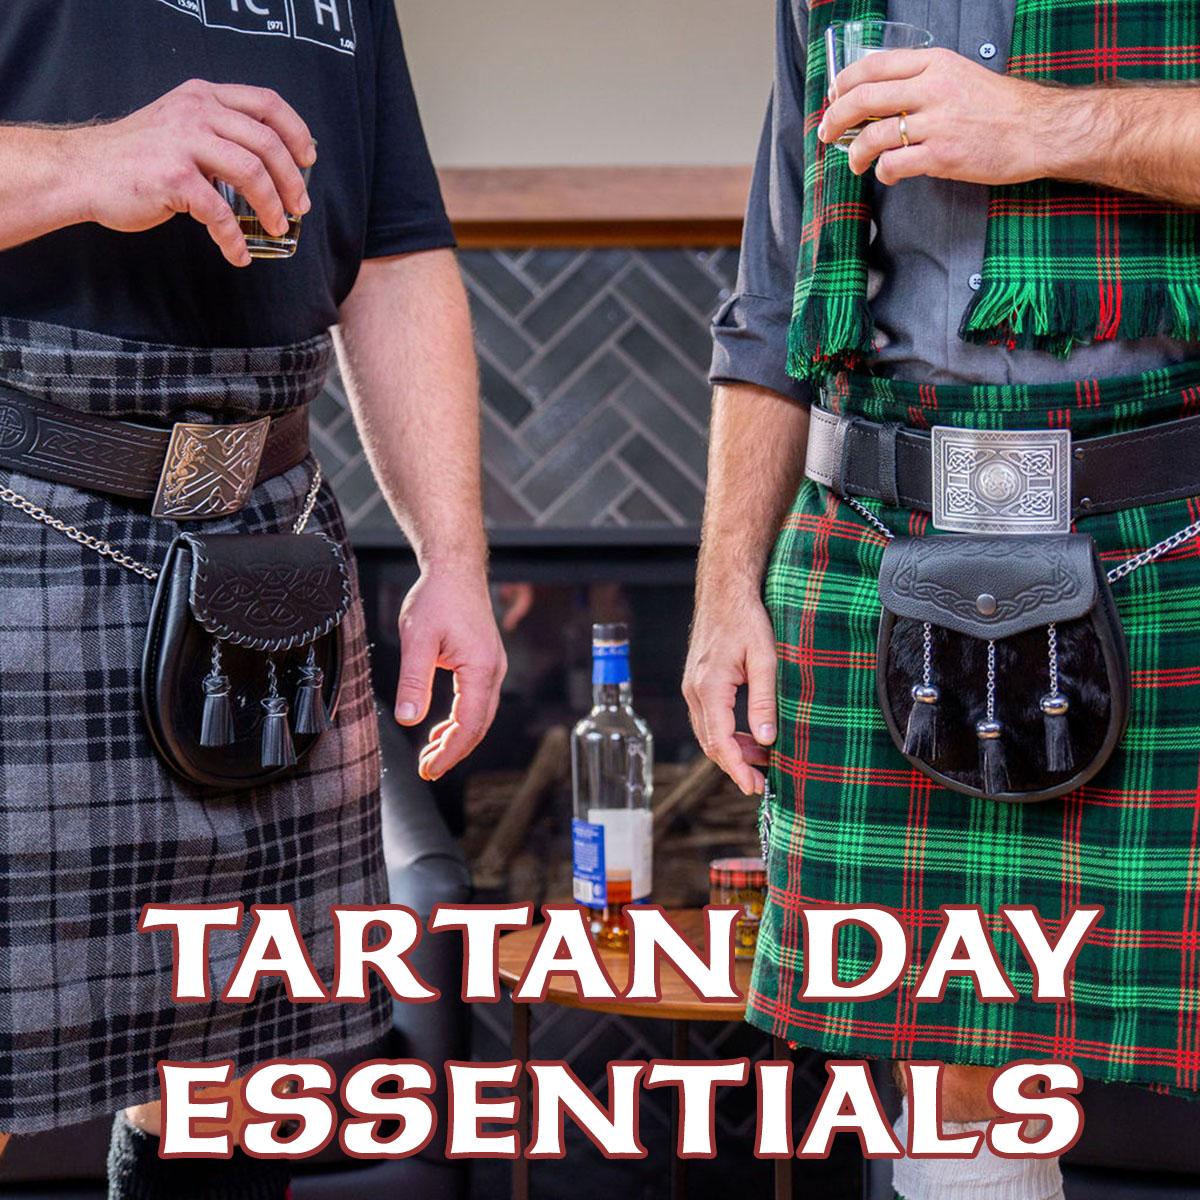 Tartan Day Essentials